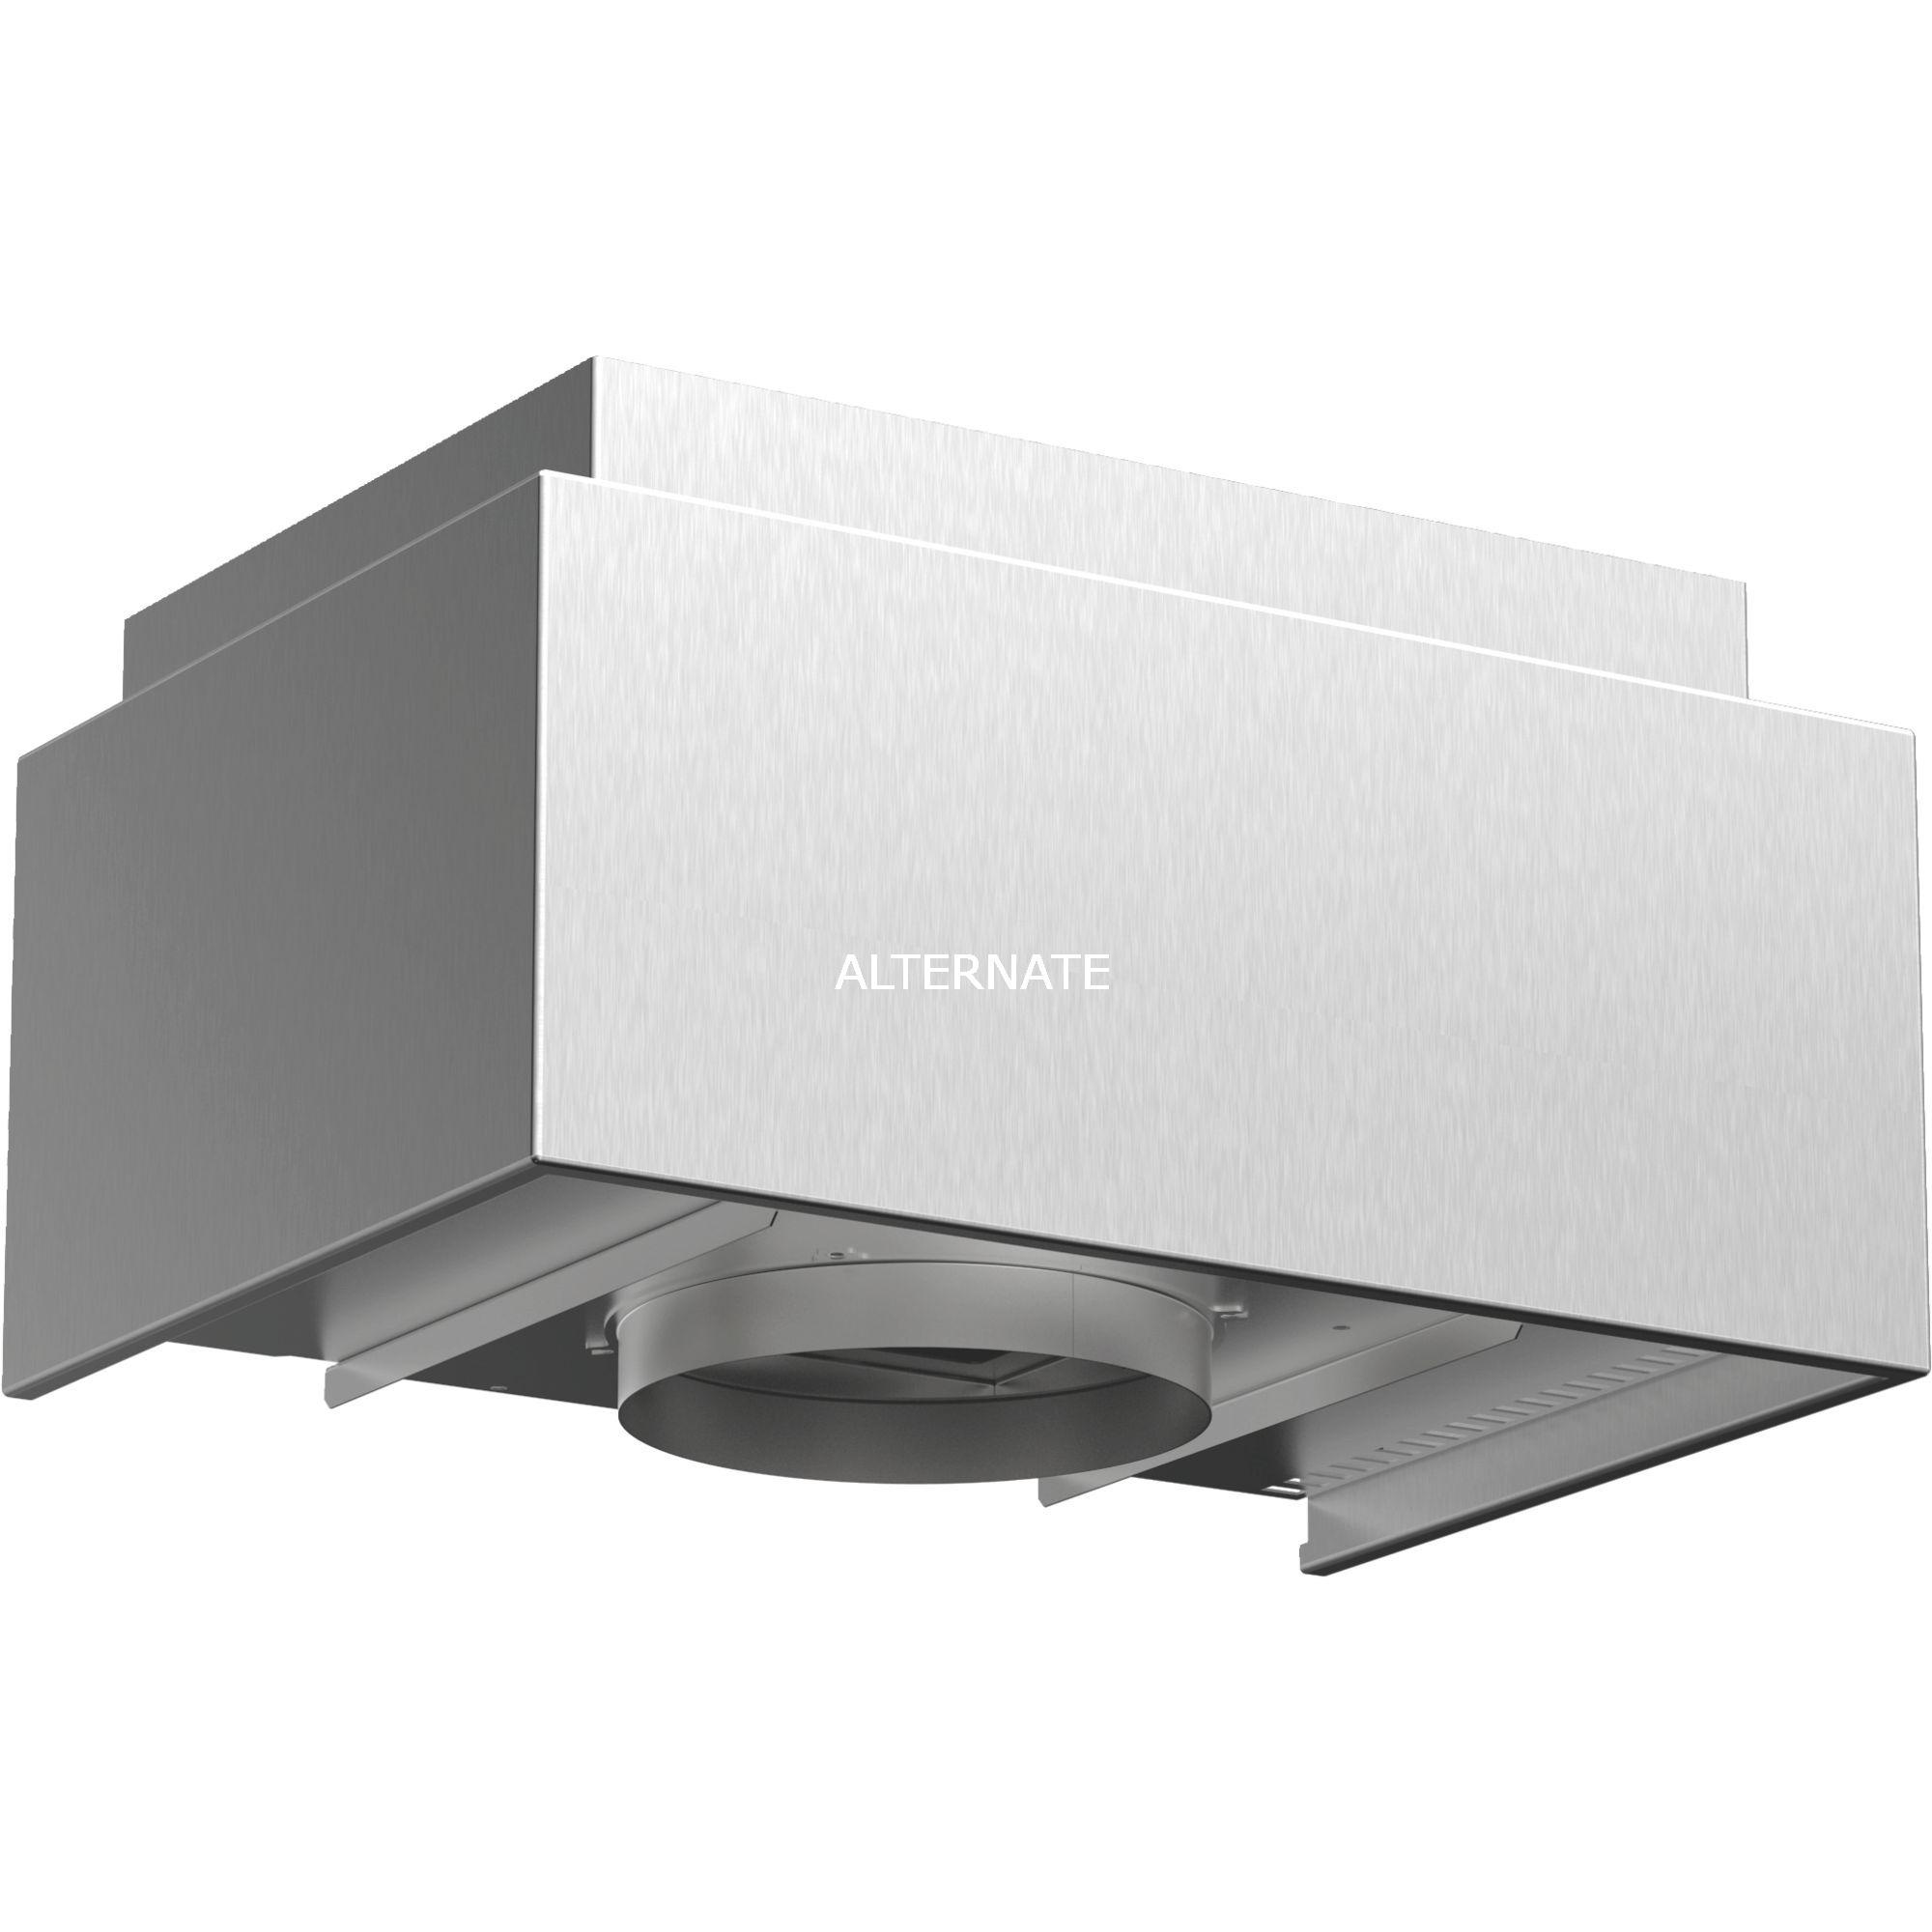 LZ57300 Filtro accesorio para campana de estufa, Set de modificación